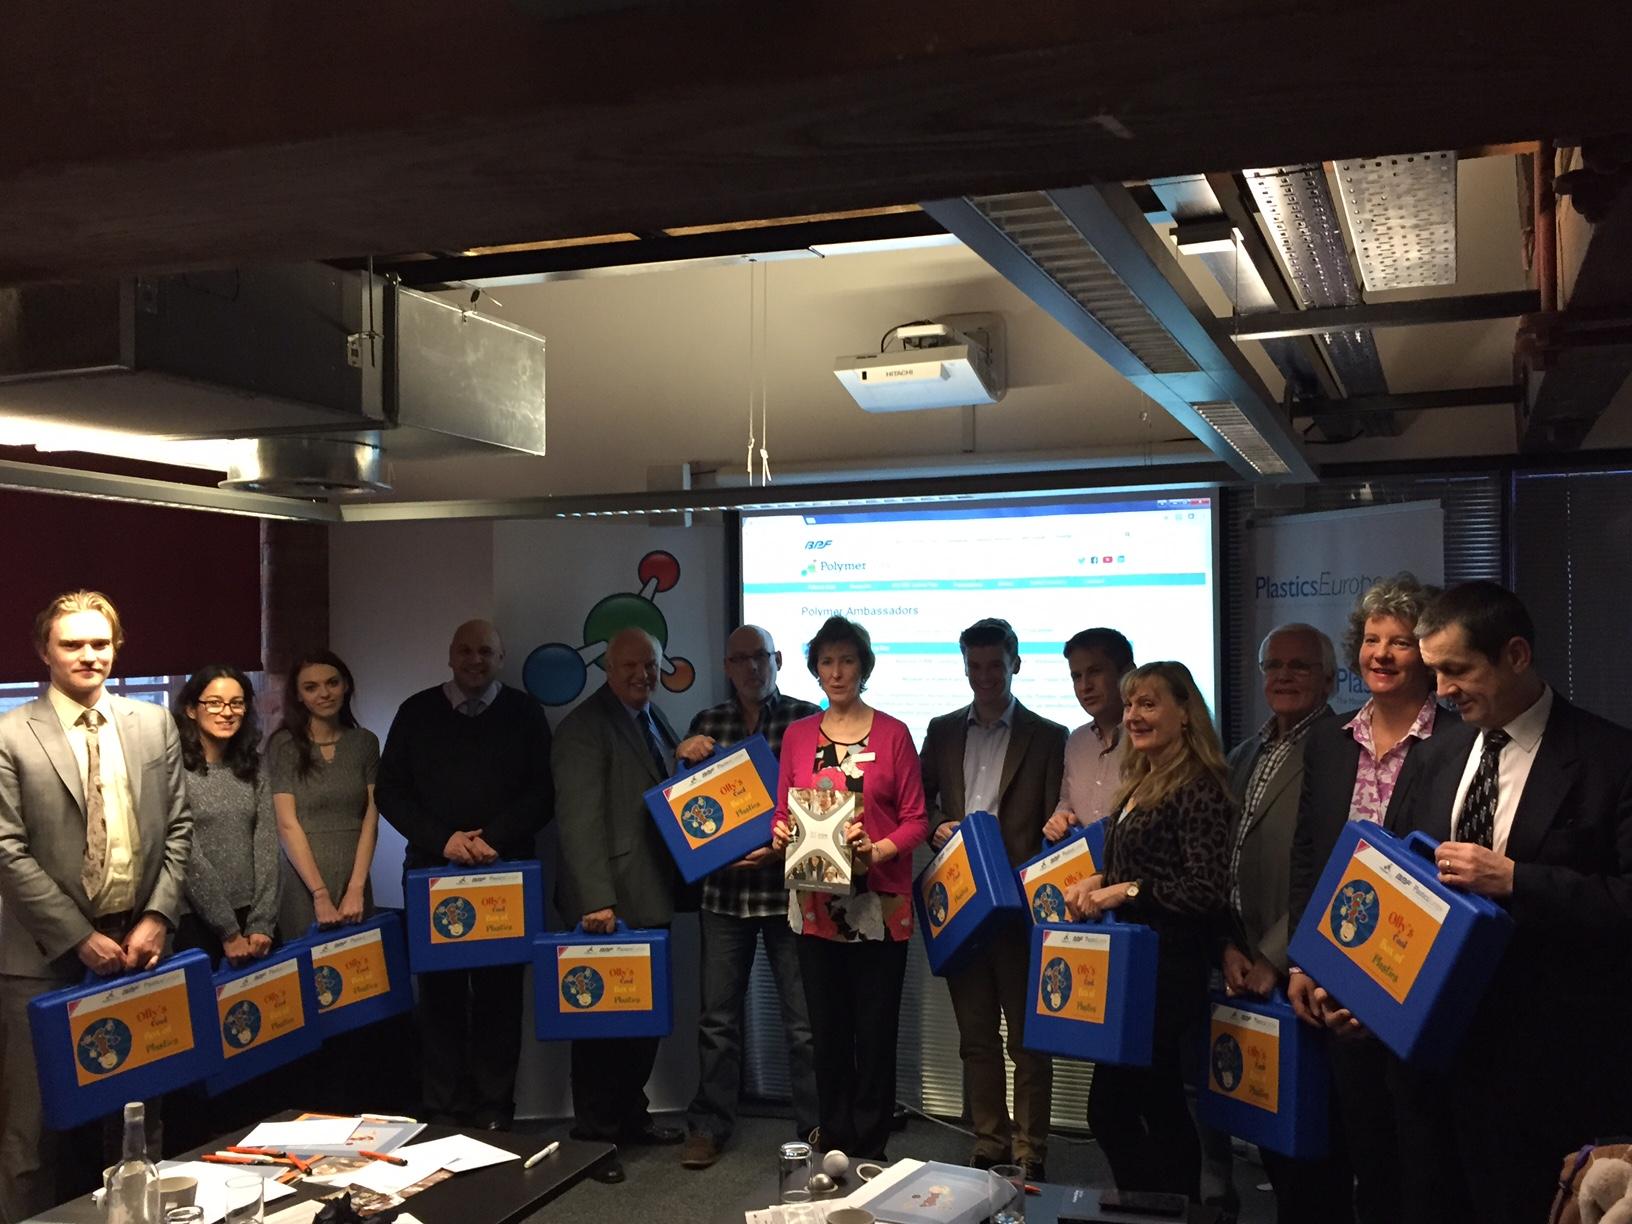 Seminarteilnehmer in Manchester nach dem Olly-Seminar